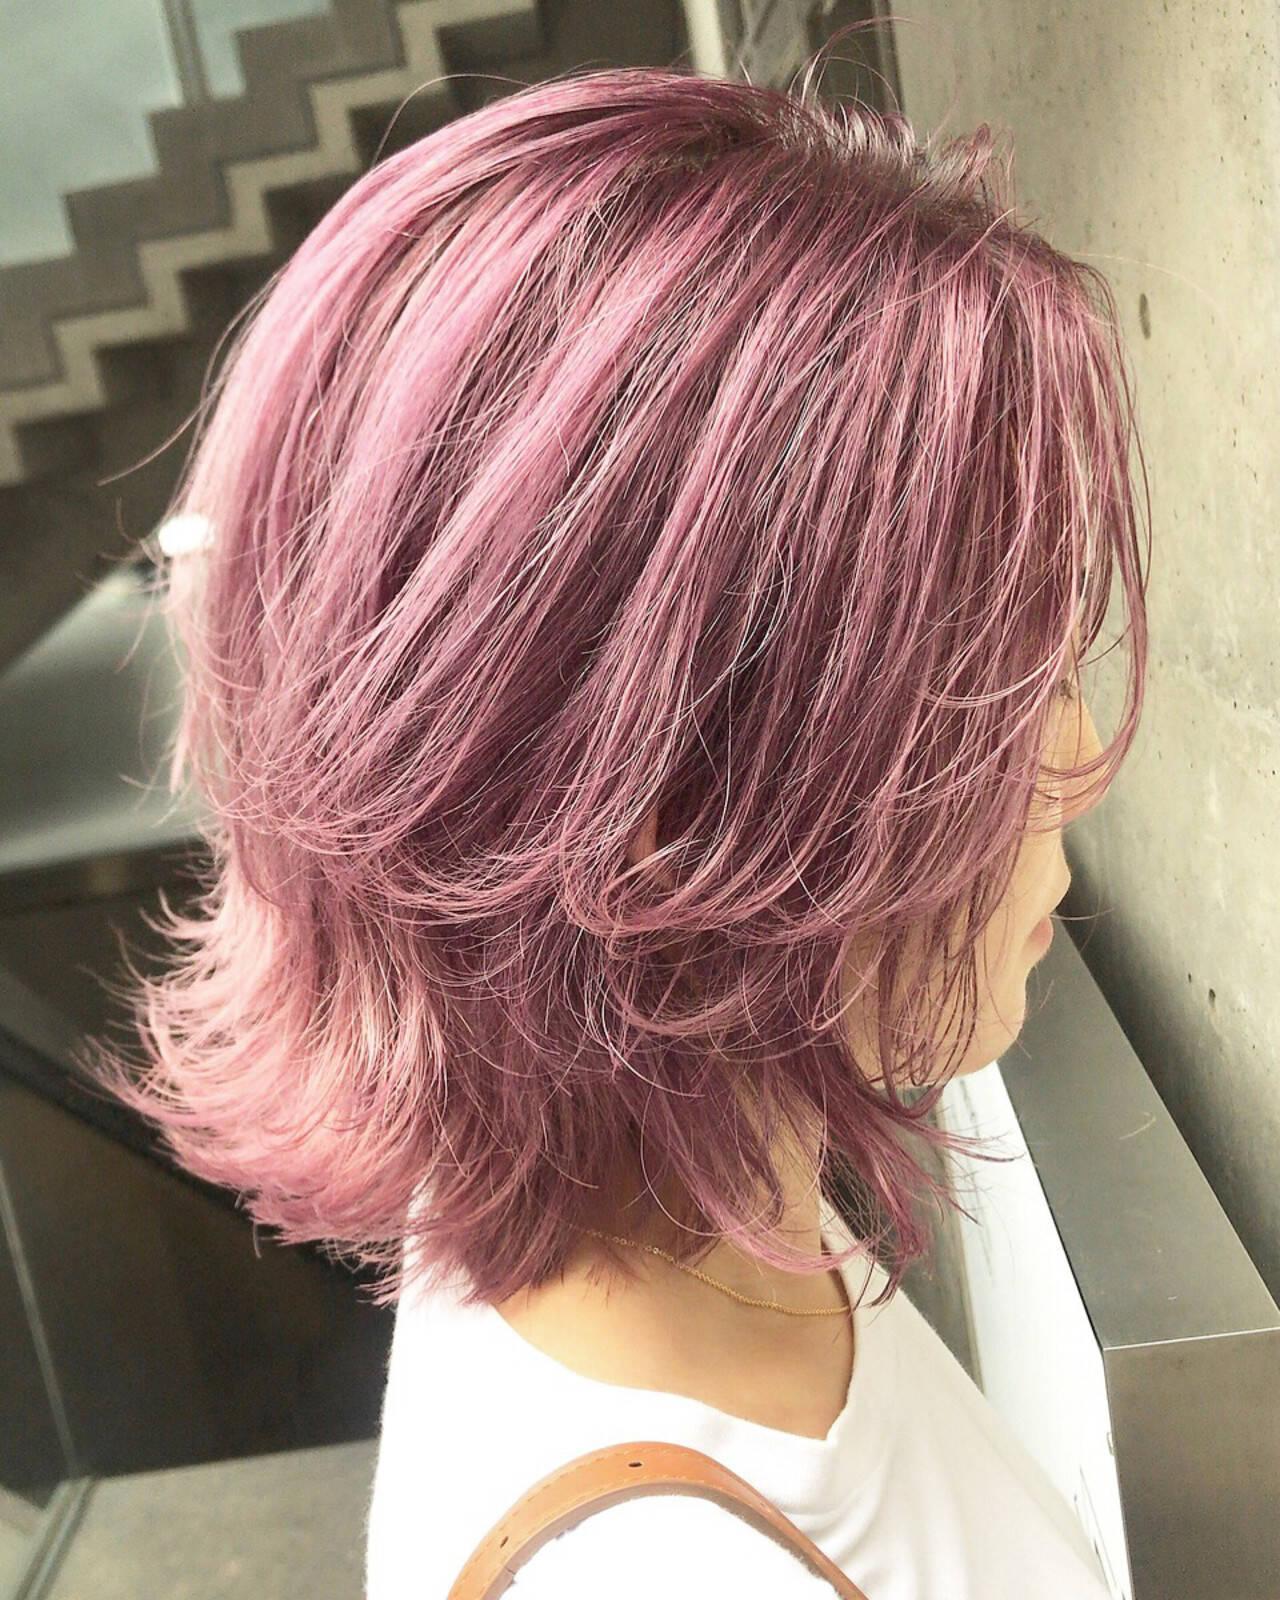 ピンクアッシュ ピンク ラベンダーピンク ベリーピンクヘアスタイルや髪型の写真・画像